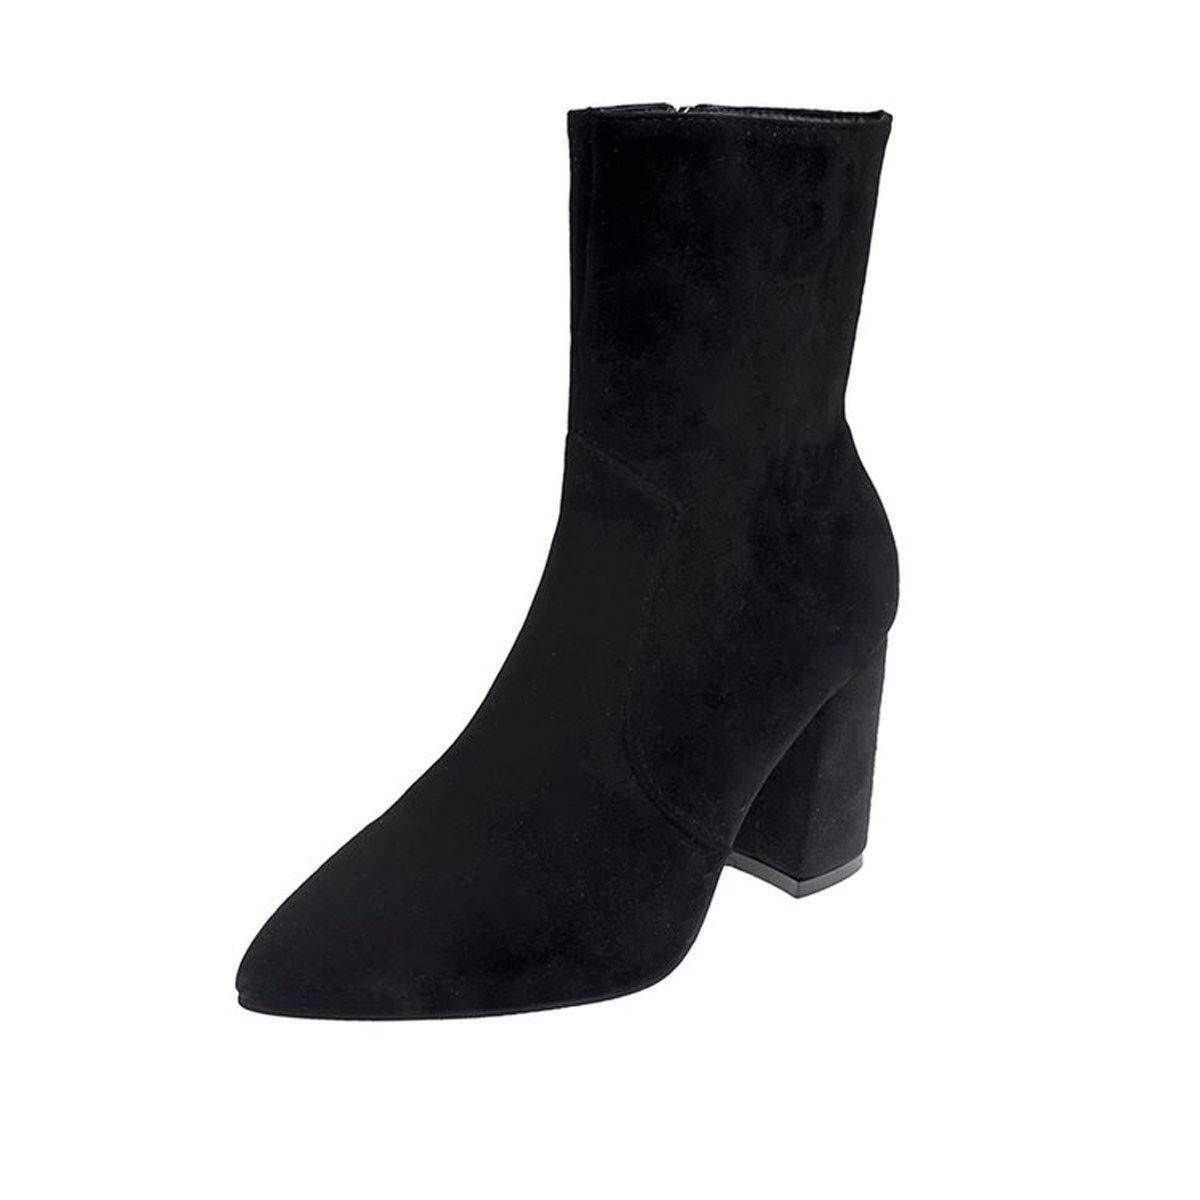 GTVERNH Frauen Schuhe/8 cm High Heels Martin Stiefel Englisch Winde Im Frühjahr Und Herbst Rau Und Wild Sharp Seite Reißverschlüsse.